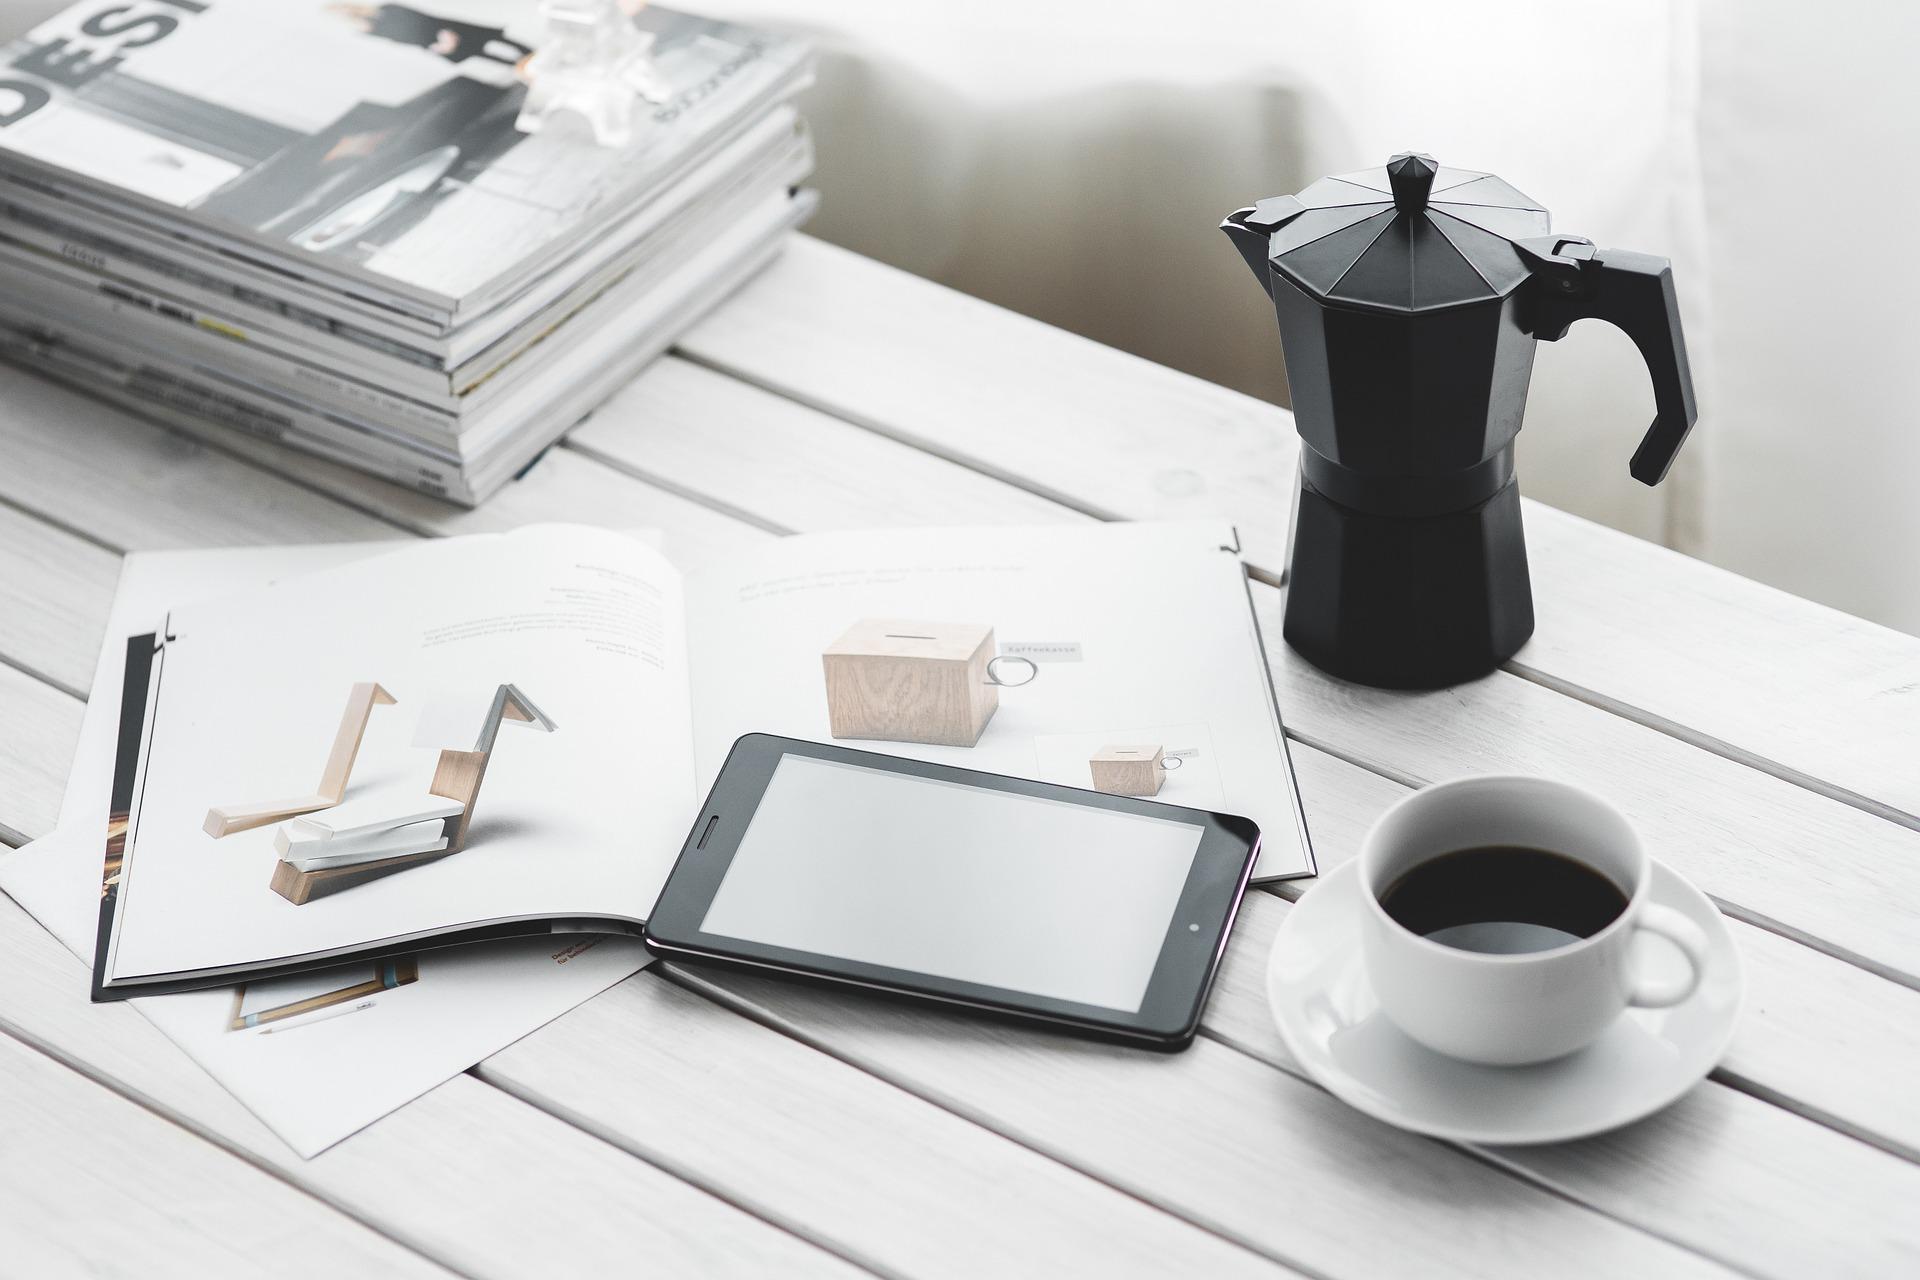 mesin kopi kantor